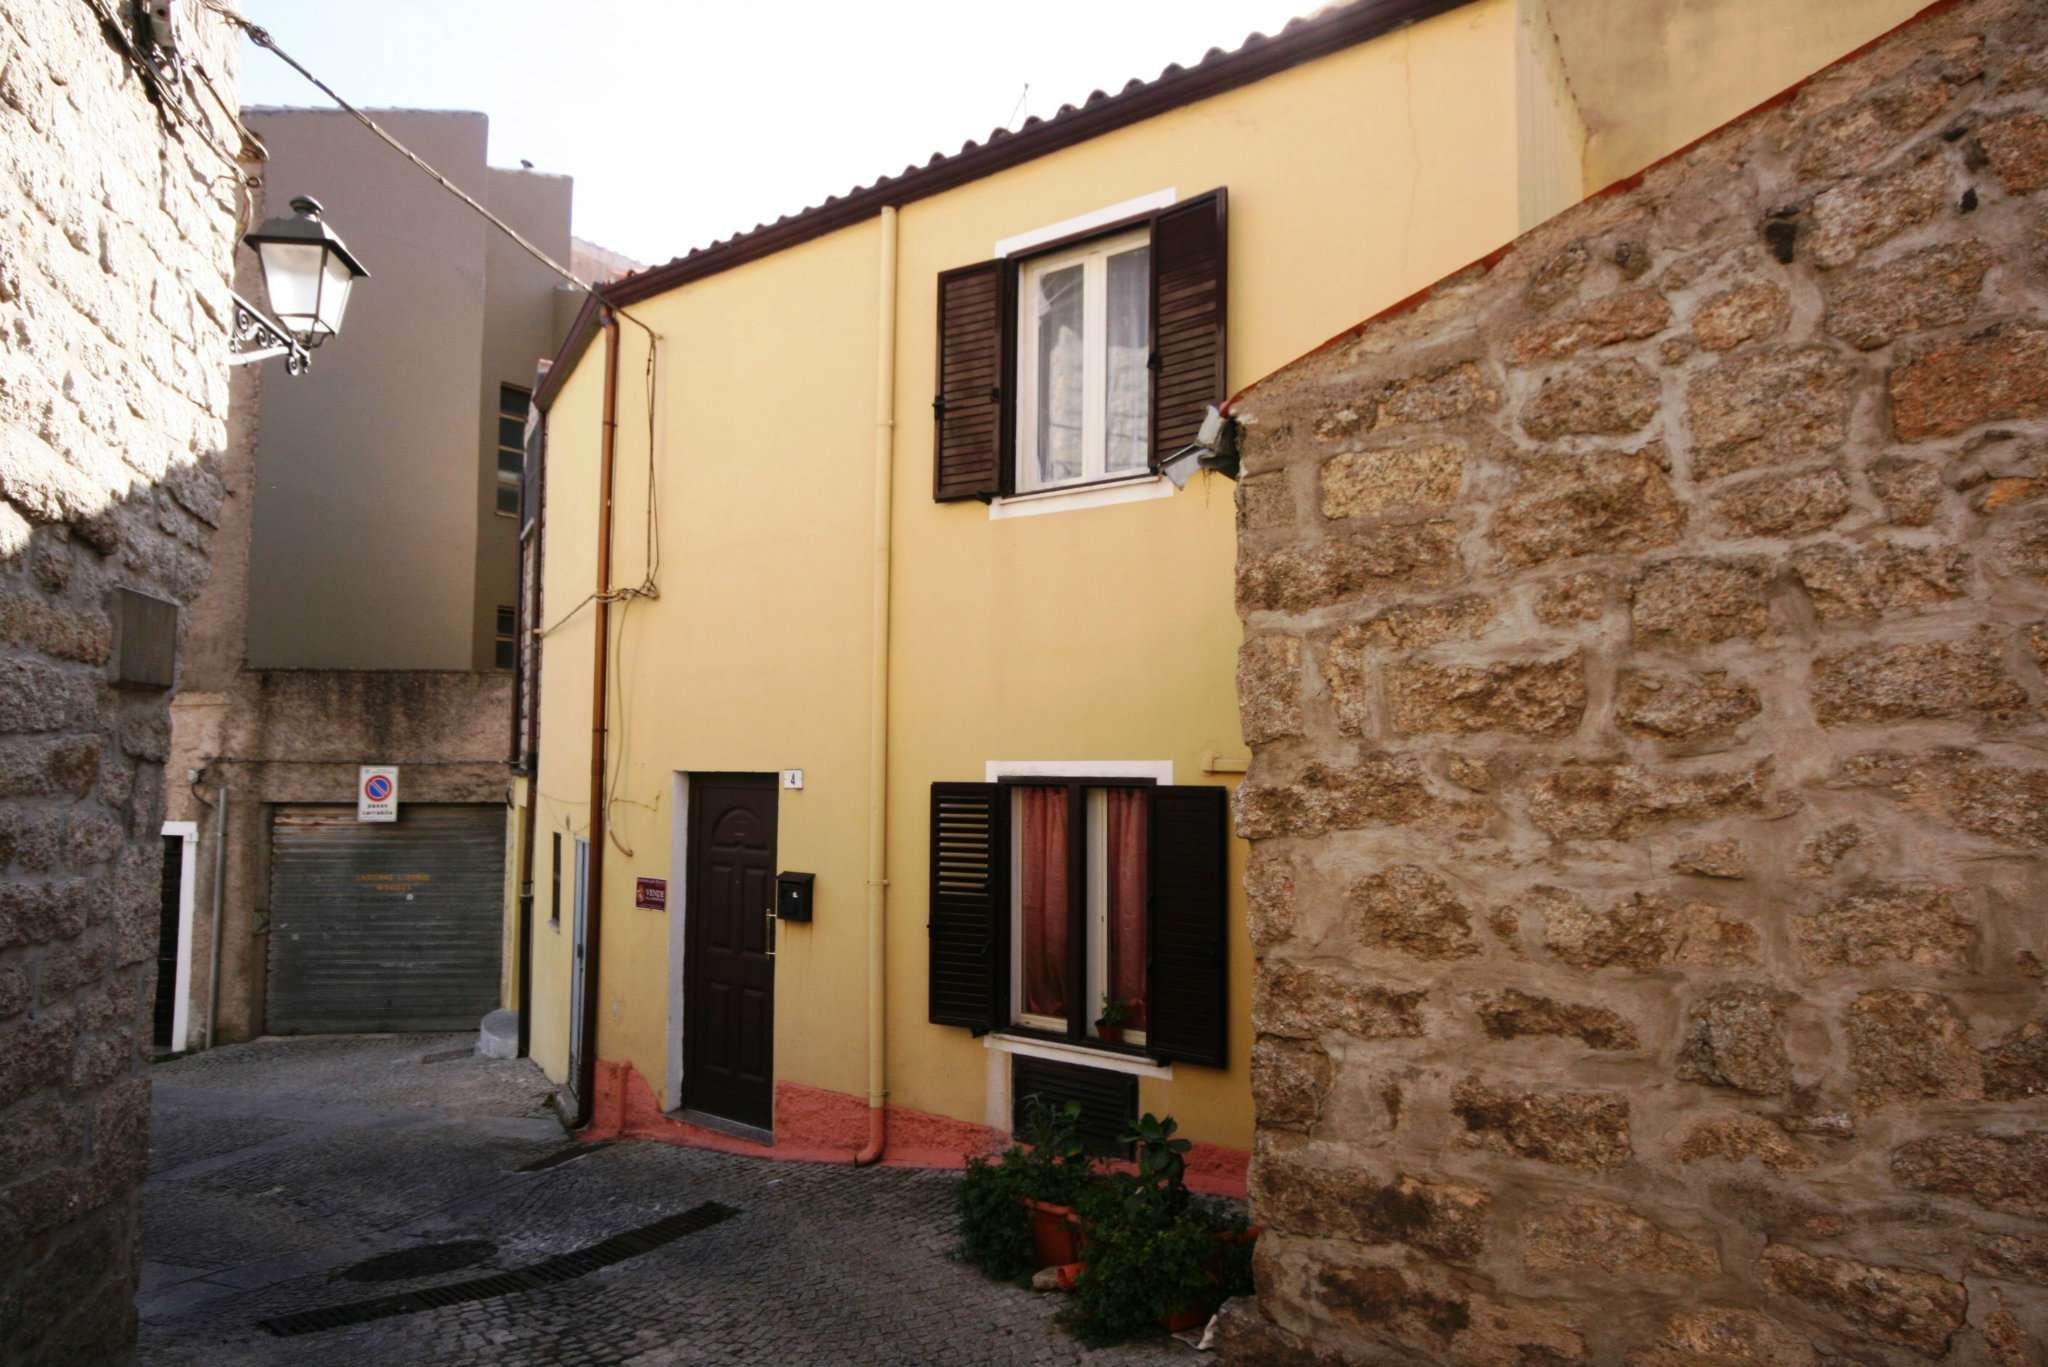 Palazzo / Stabile in vendita a Tempio Pausania, 2 locali, prezzo € 62.000 | CambioCasa.it